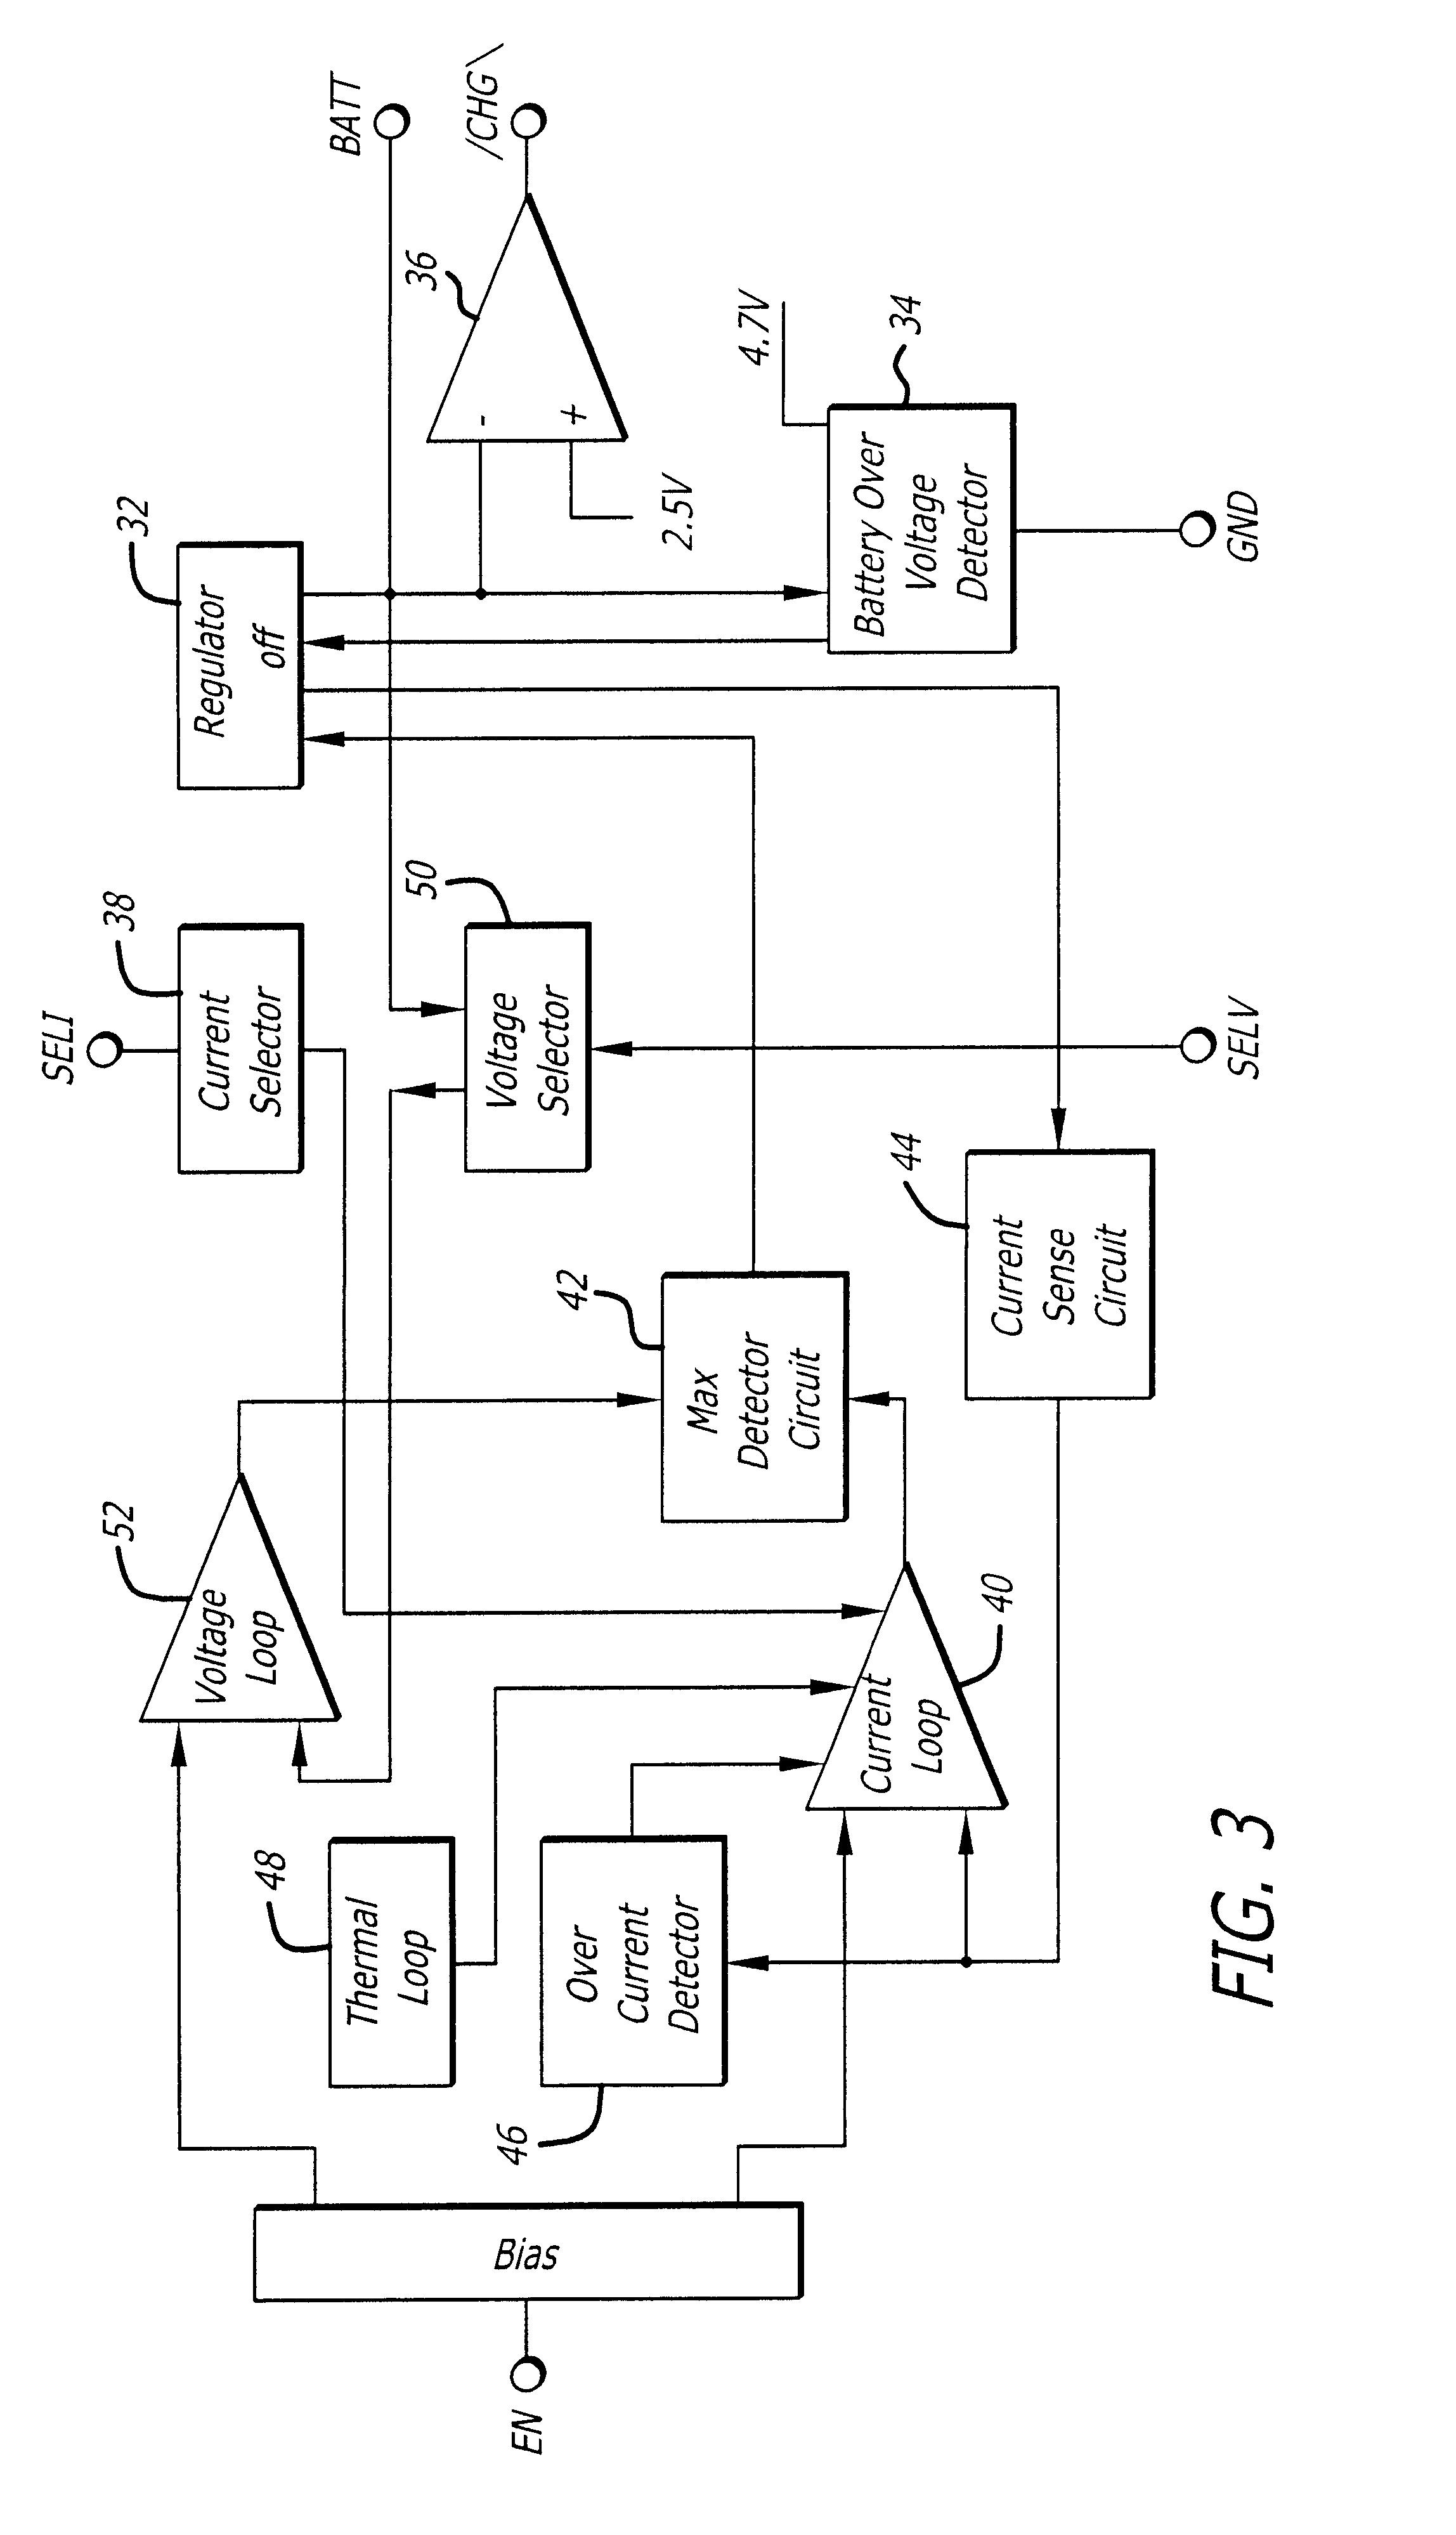 patent us6507172